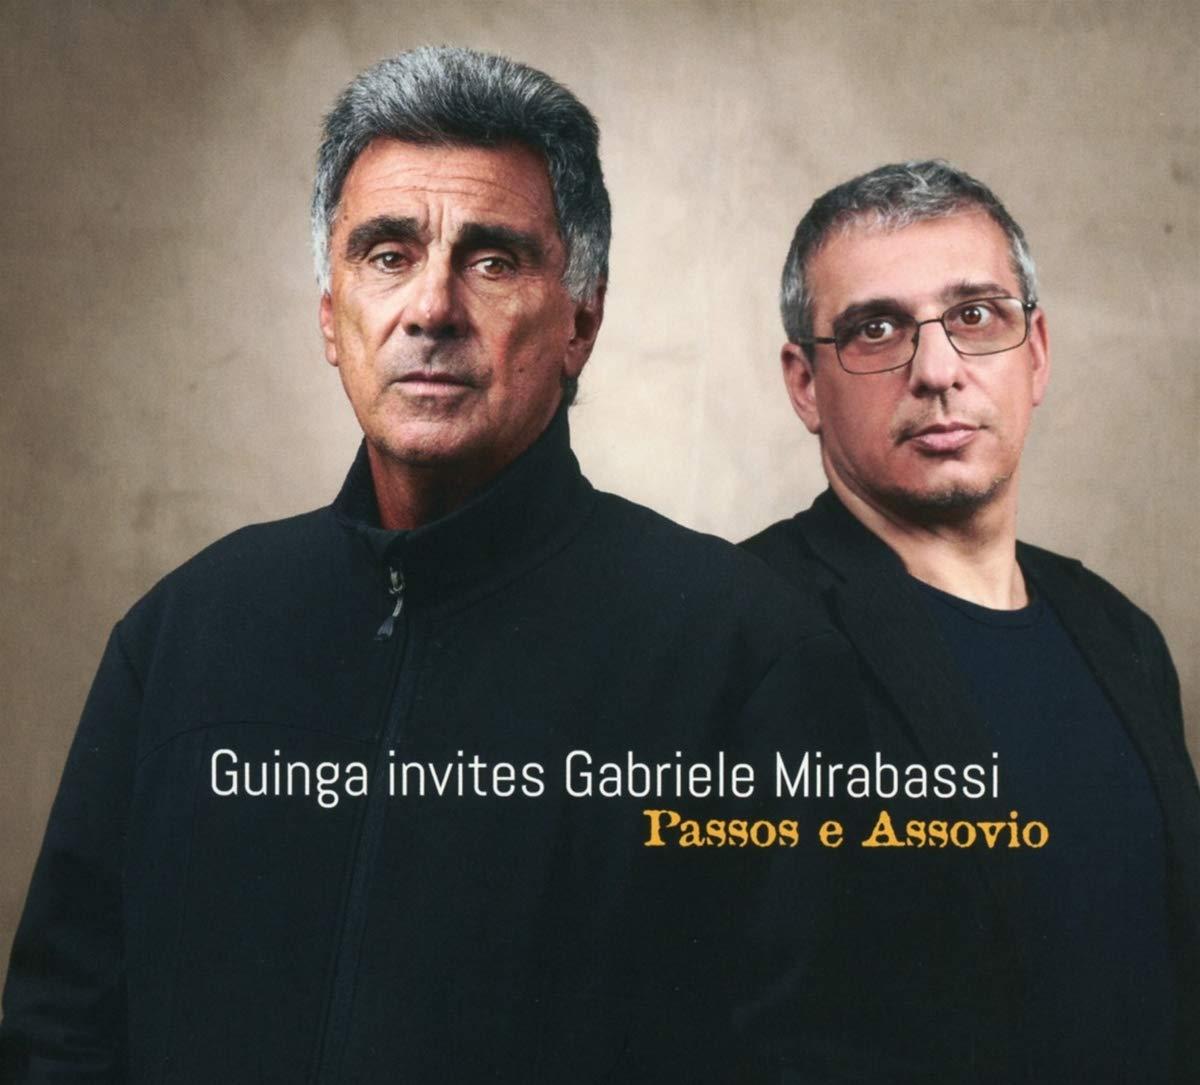 GABRIELE MIRABASSI - Guinga Invites Gabriele Mirabassi - Passos E Assovio cover